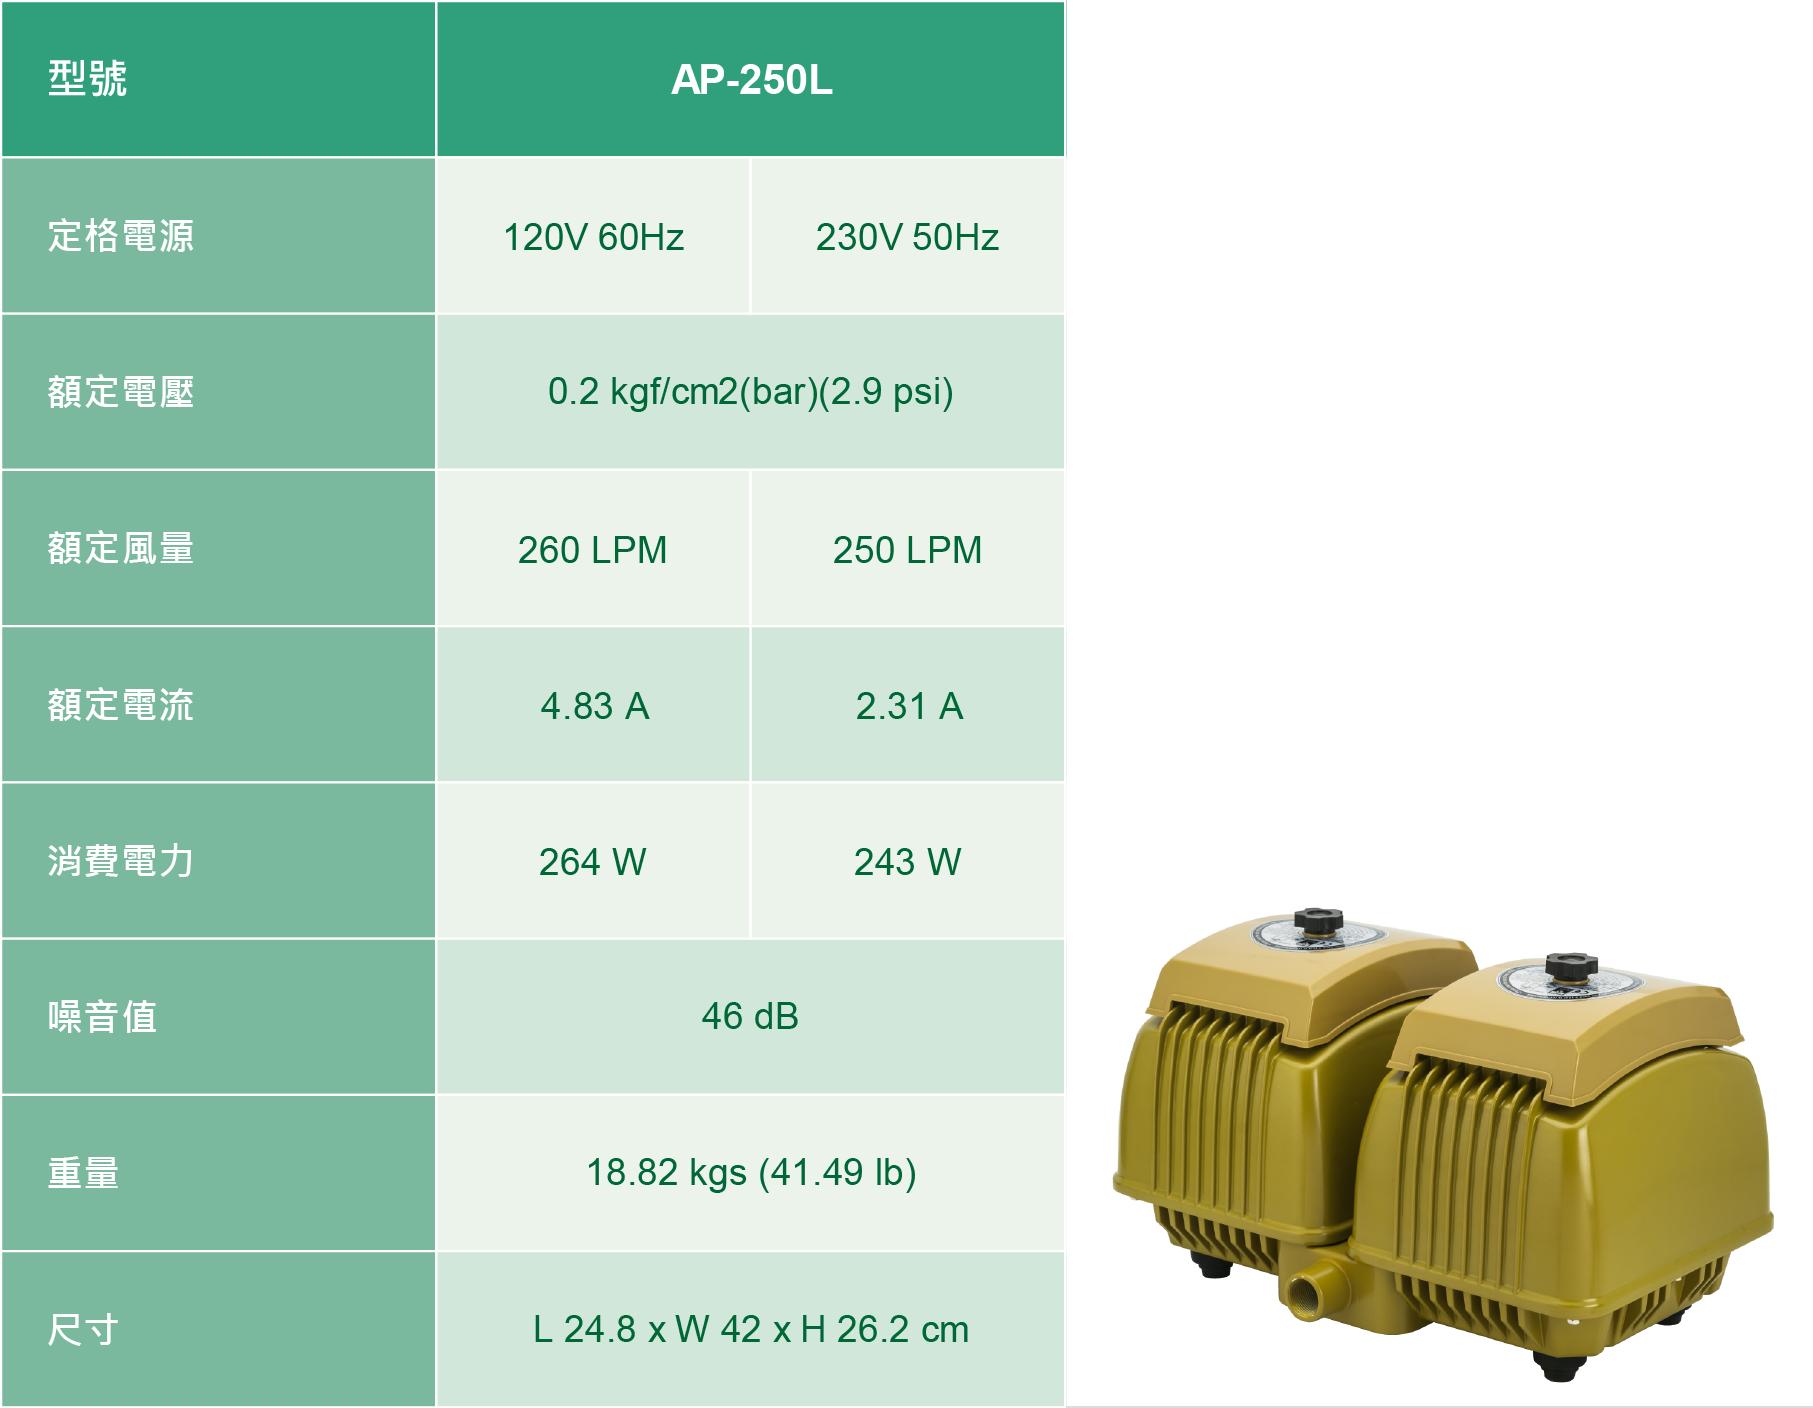 リニアエアーポンプAP-250L性能